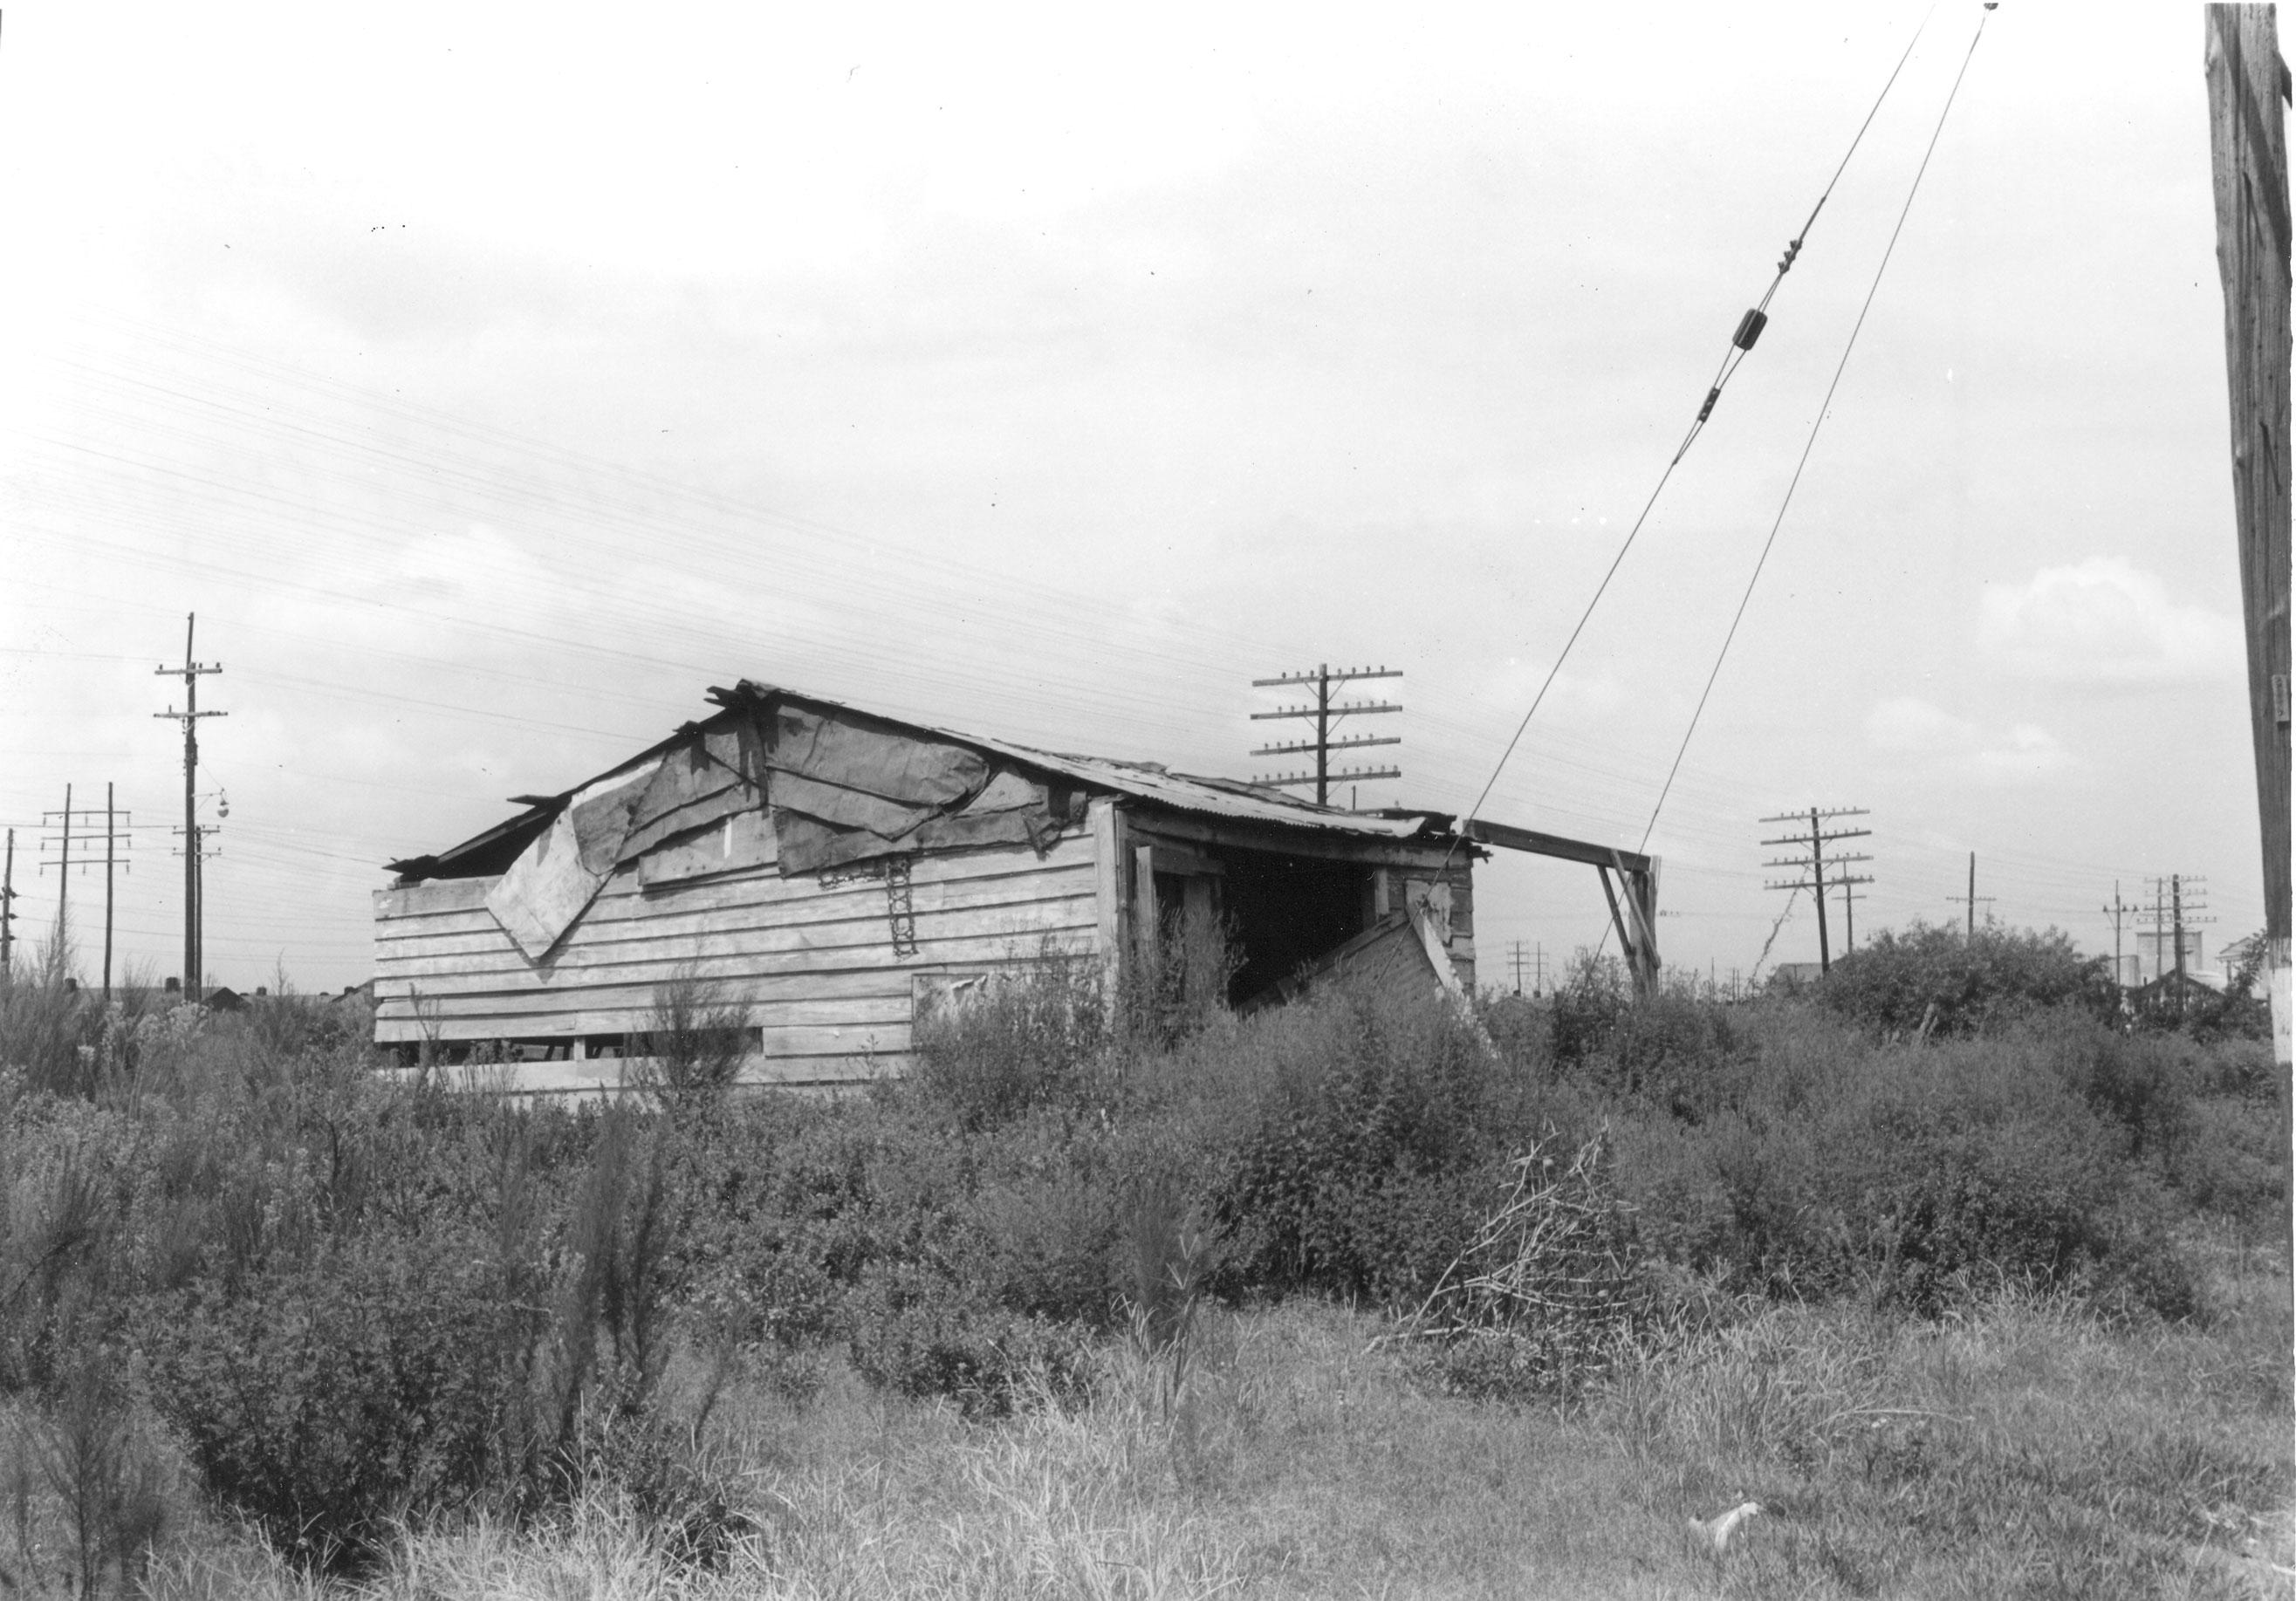 I-26 Photo 0056